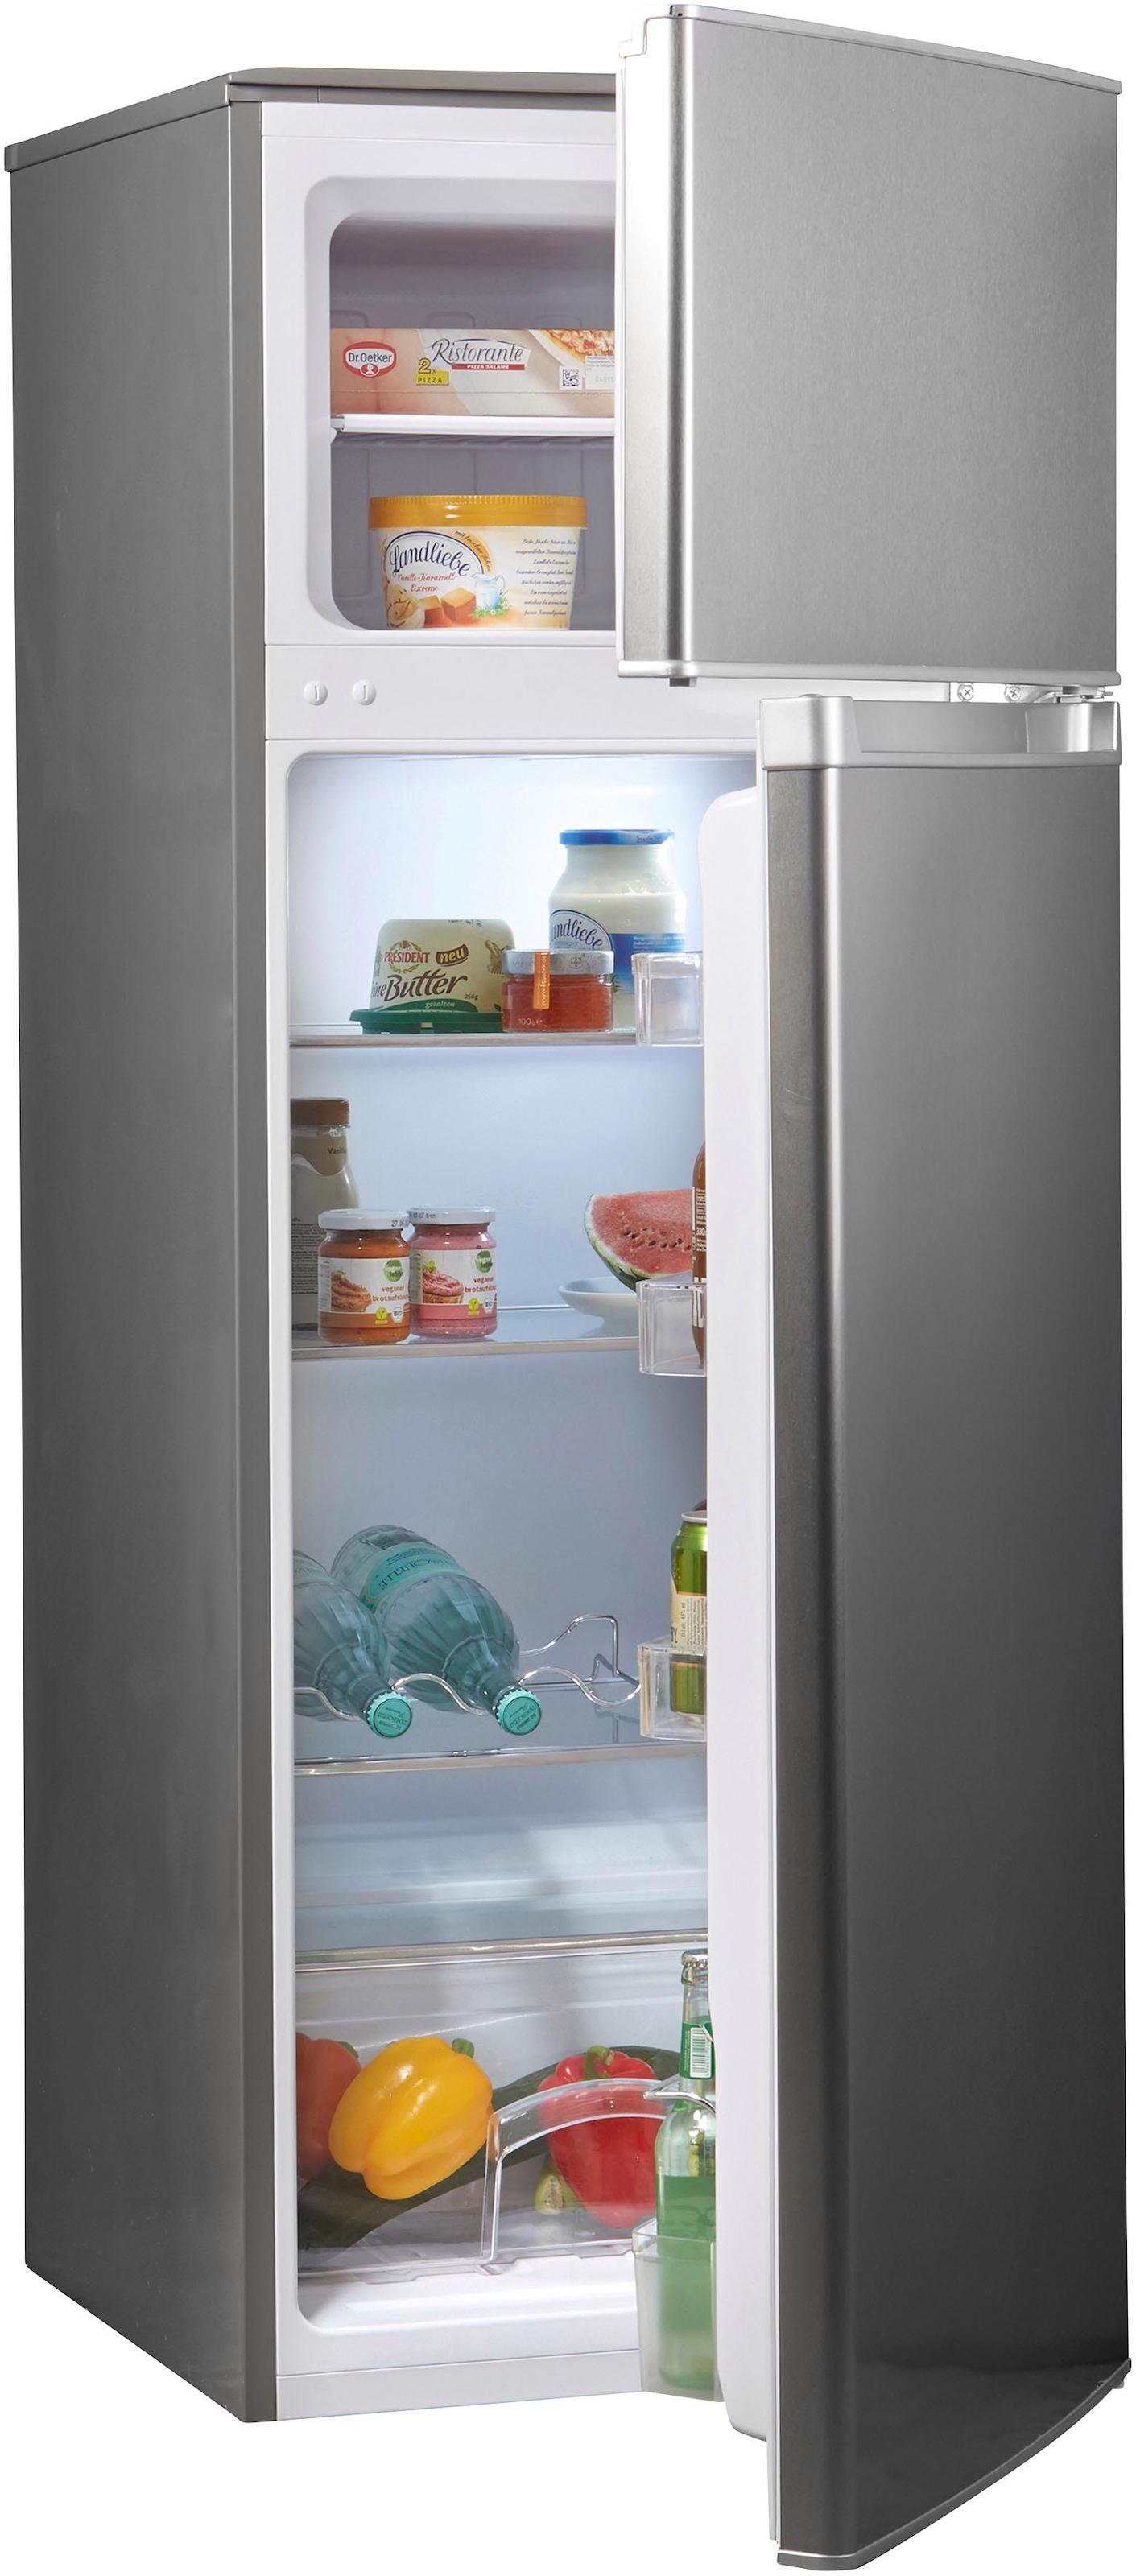 Mini Kühlschrank Mit Jeans : Kühlschränke mit gefrierfach auf raten kaufen baur